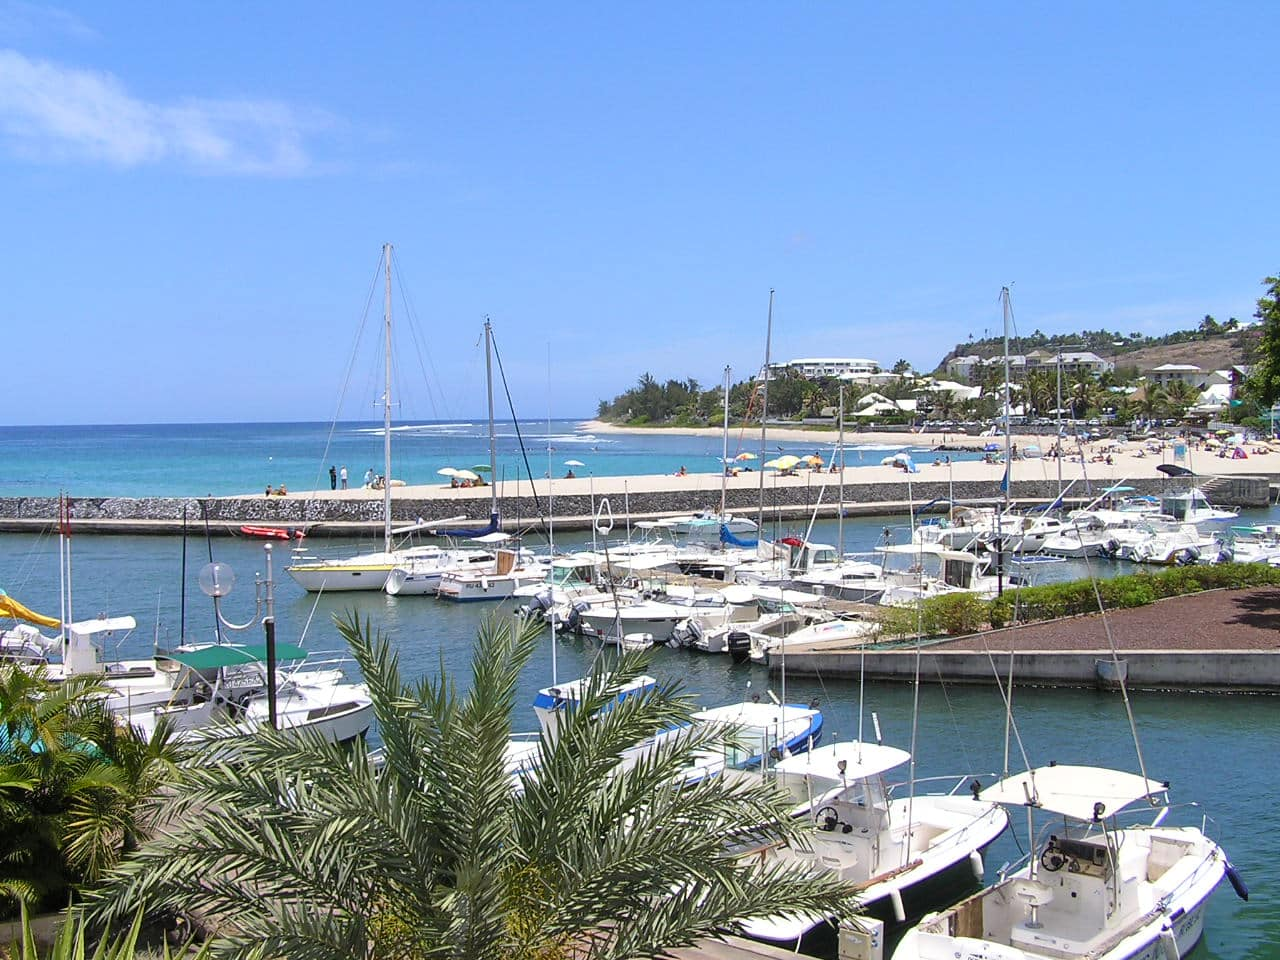 Visiter La Réunion : Port de Saint-Gilles